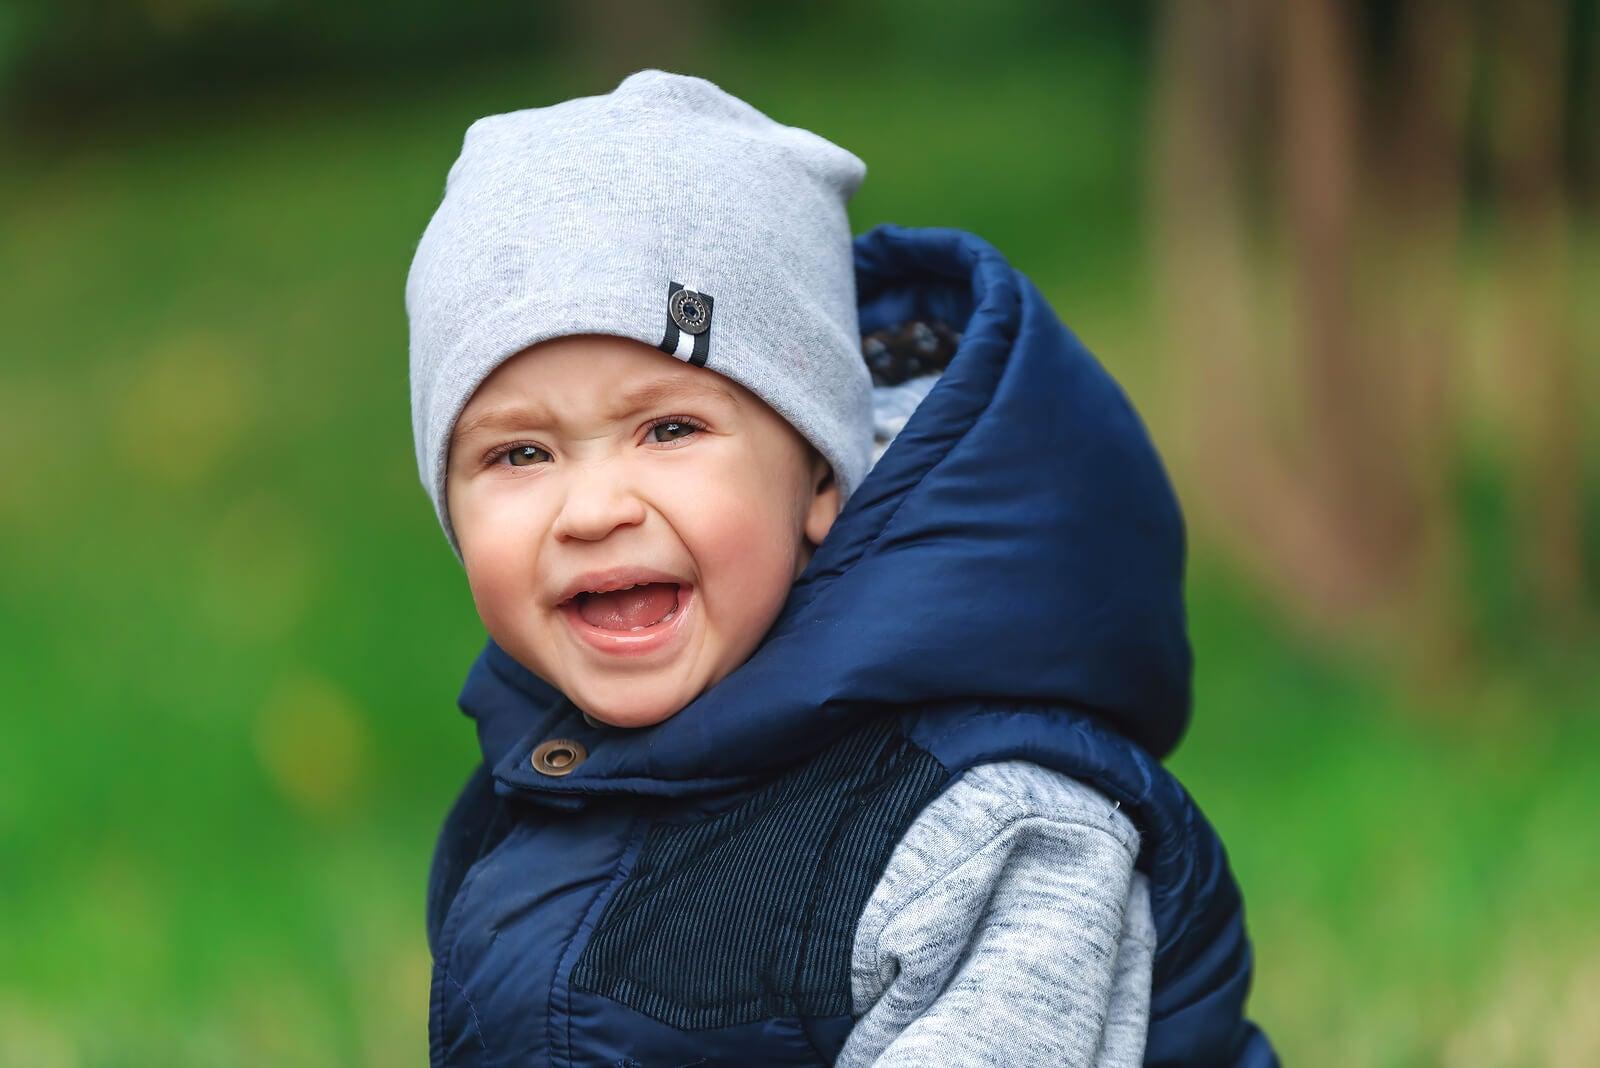 Niño llorando lleno de ira y rabia.